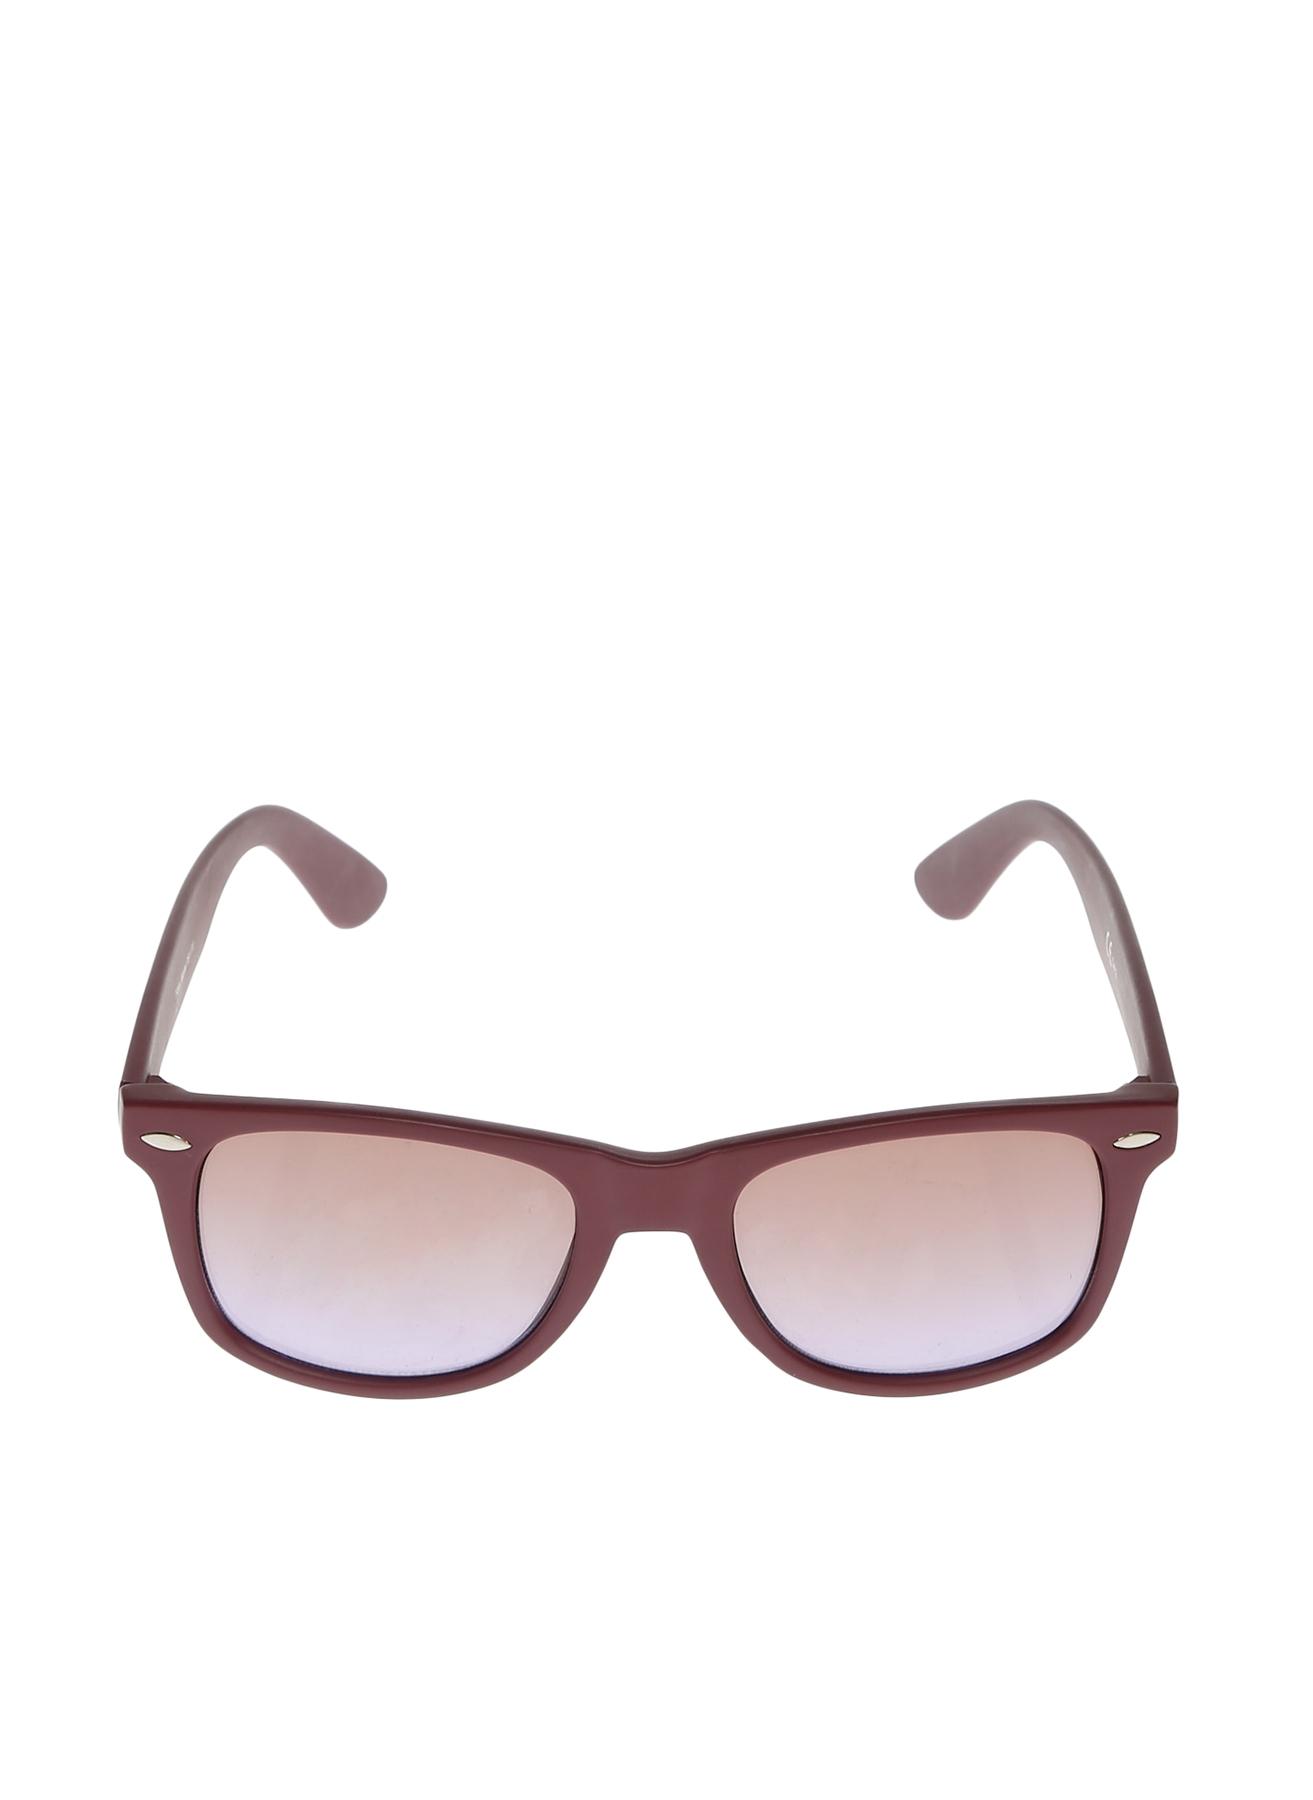 T-Box Güneş Gözlüğü 5000223528001 Ürün Resmi